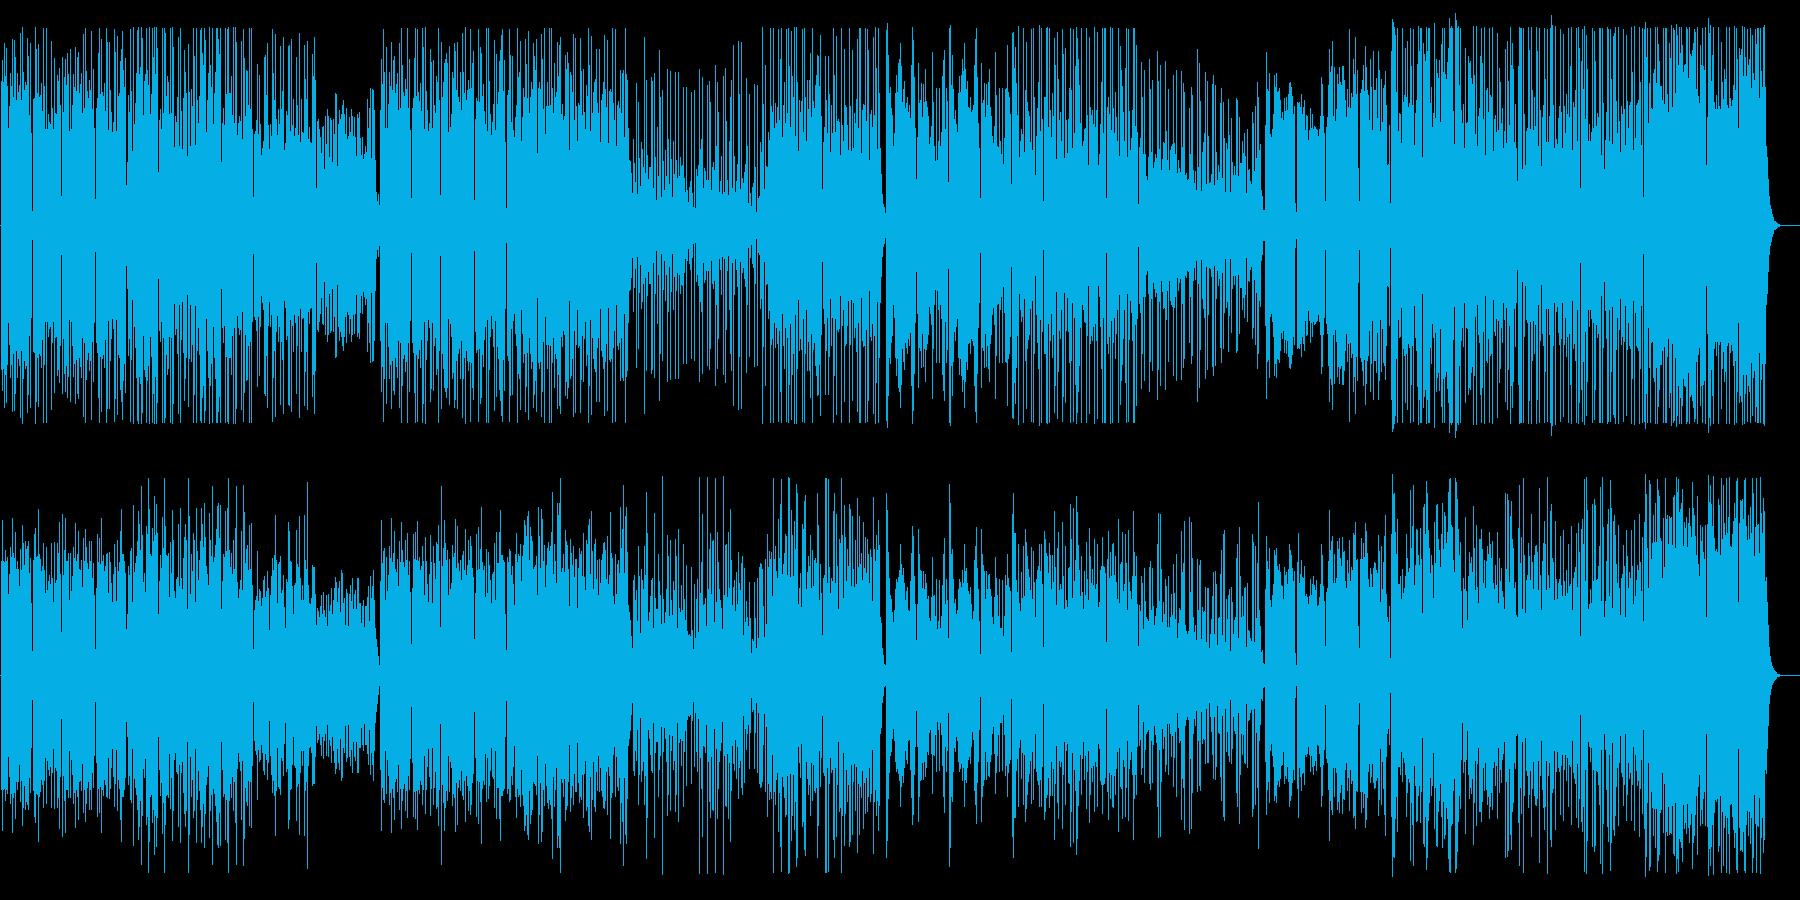 優雅で可憐なクラシカルワルツ風メロディーの再生済みの波形